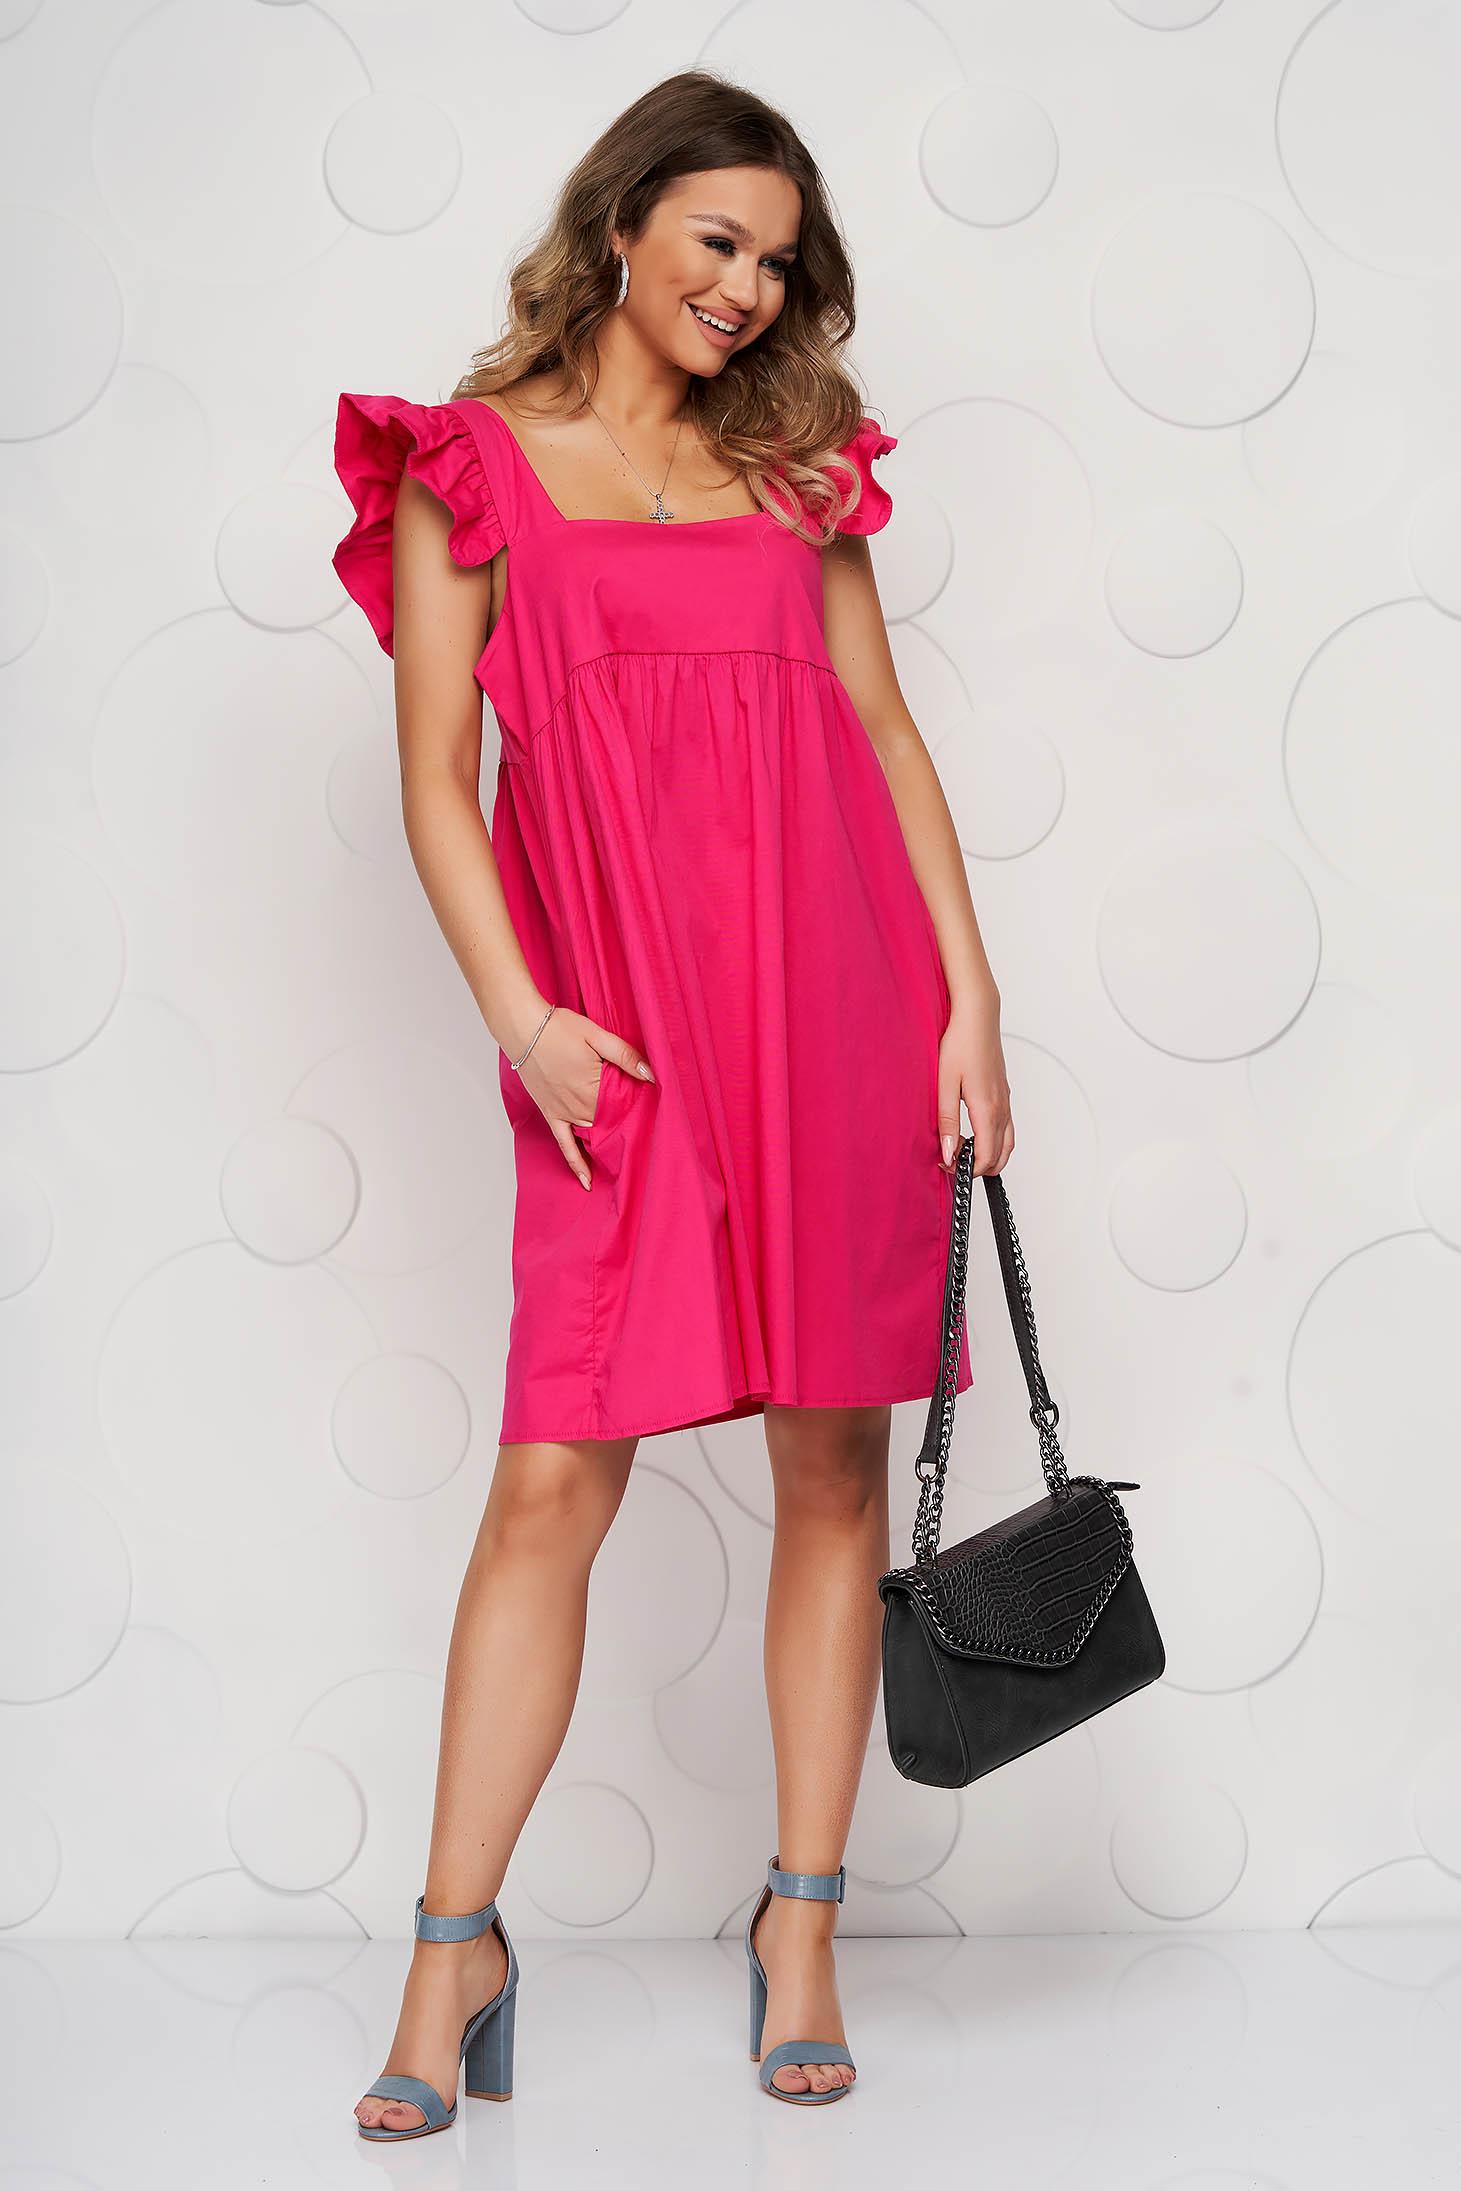 Rochie SunShine roz din poplin cu croi larg cu volanase cu decolteu adanc patrat